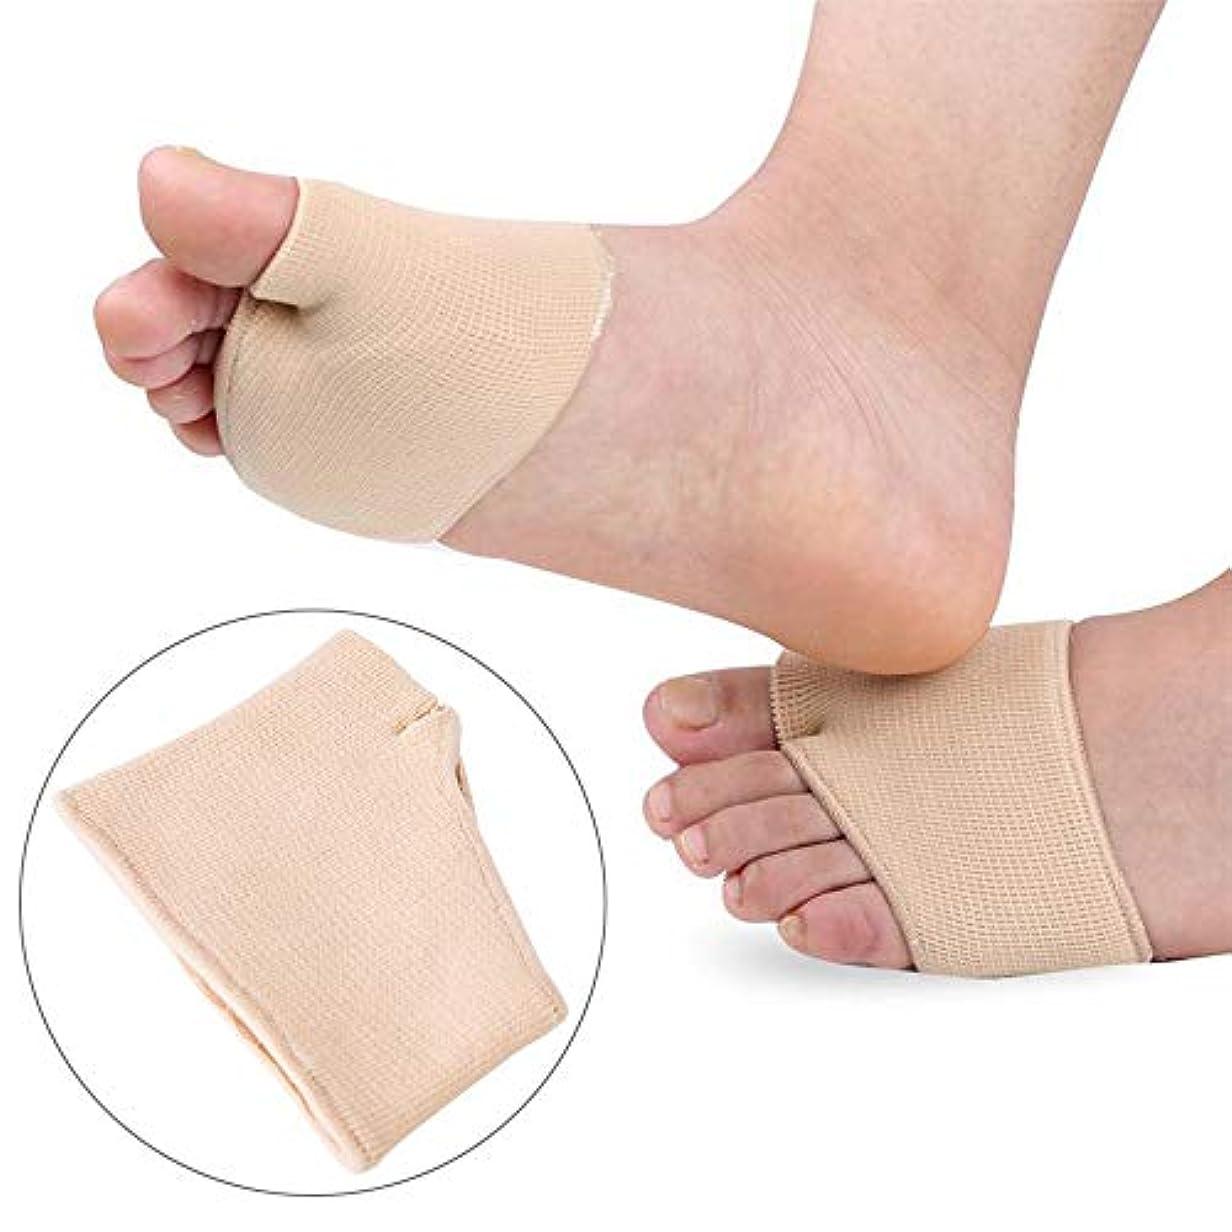 純粋な代わりの大人2ペア中足クッションシリコーンゲルパッド足の痛み前足靴インソールつま先,S